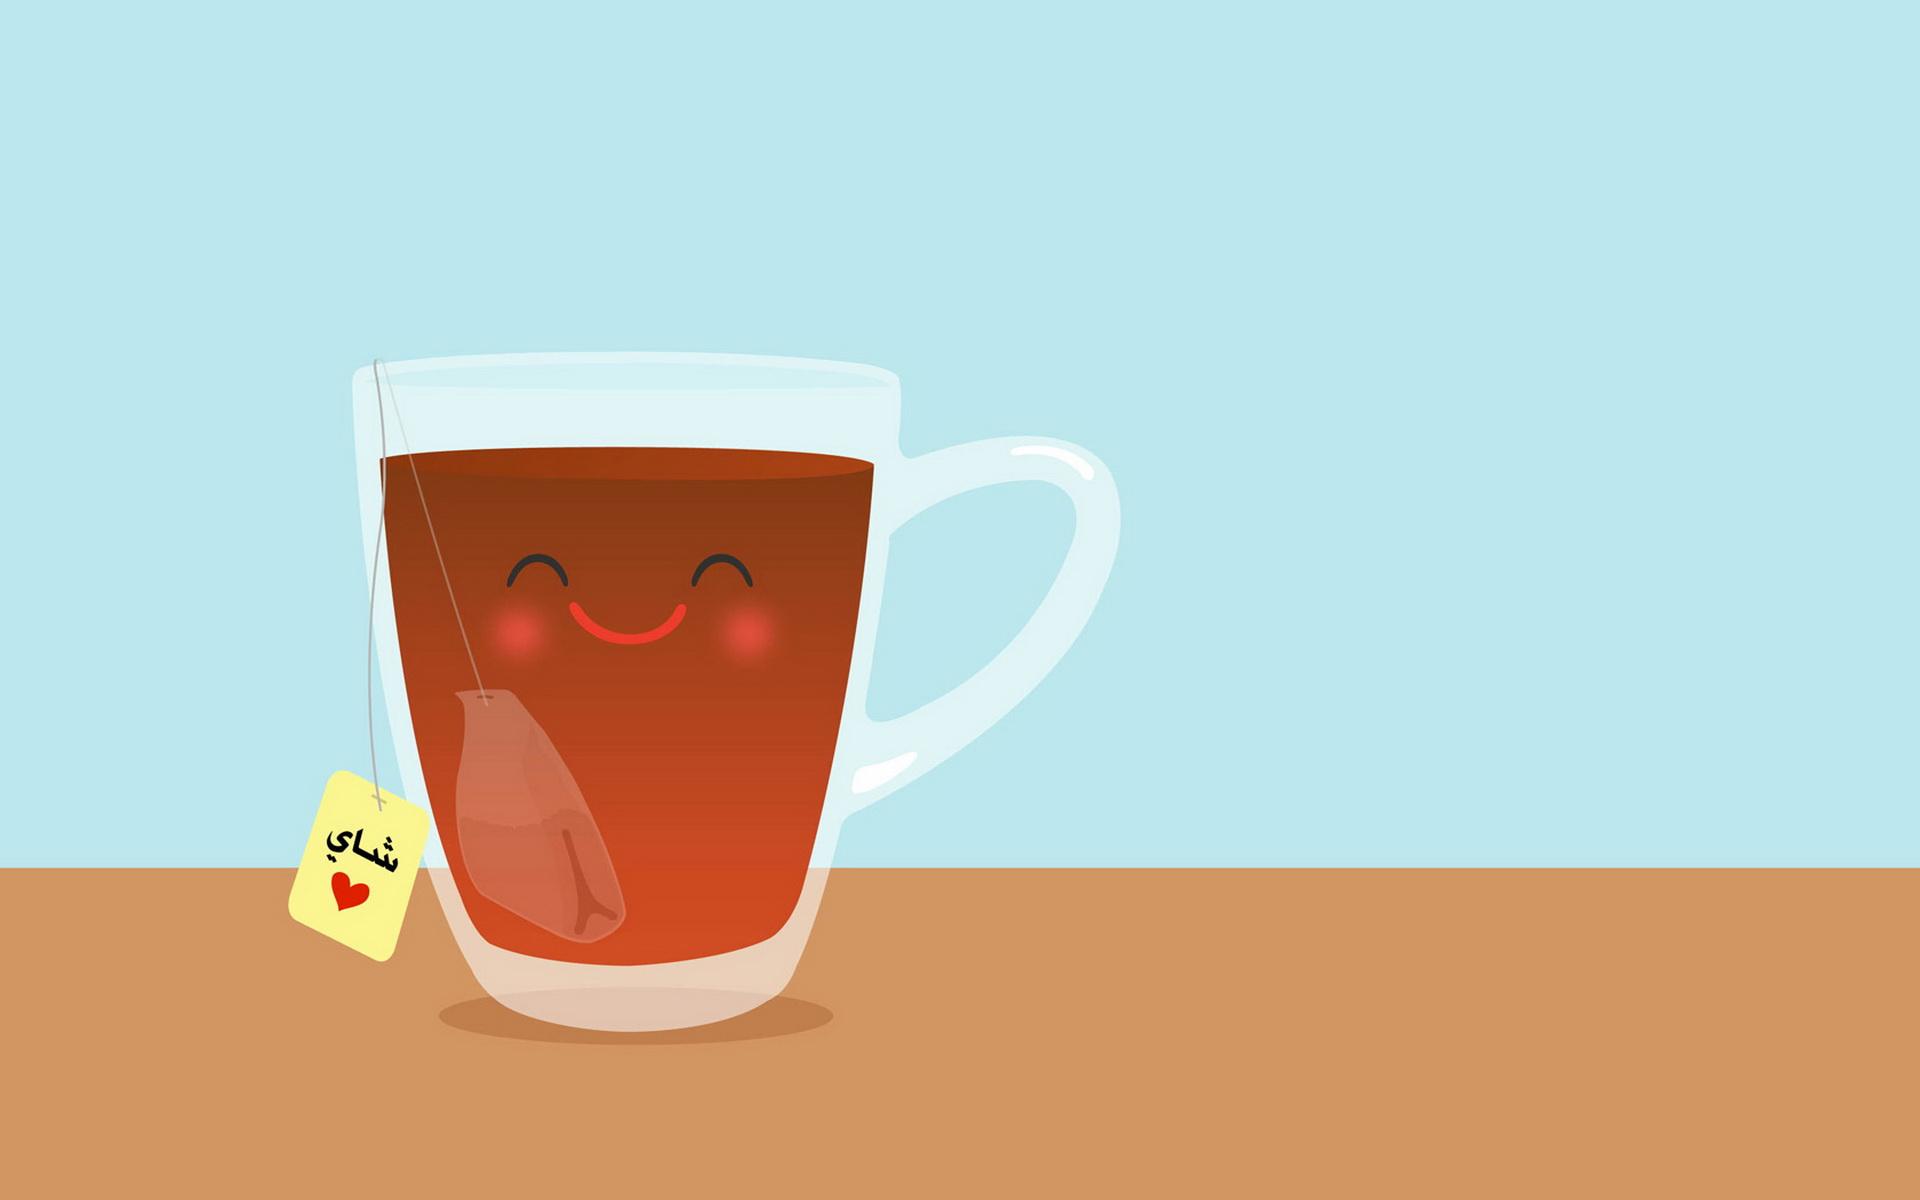 杯 杯子 茶 蜂蜜 咖啡 奶茶 网 1920_1200